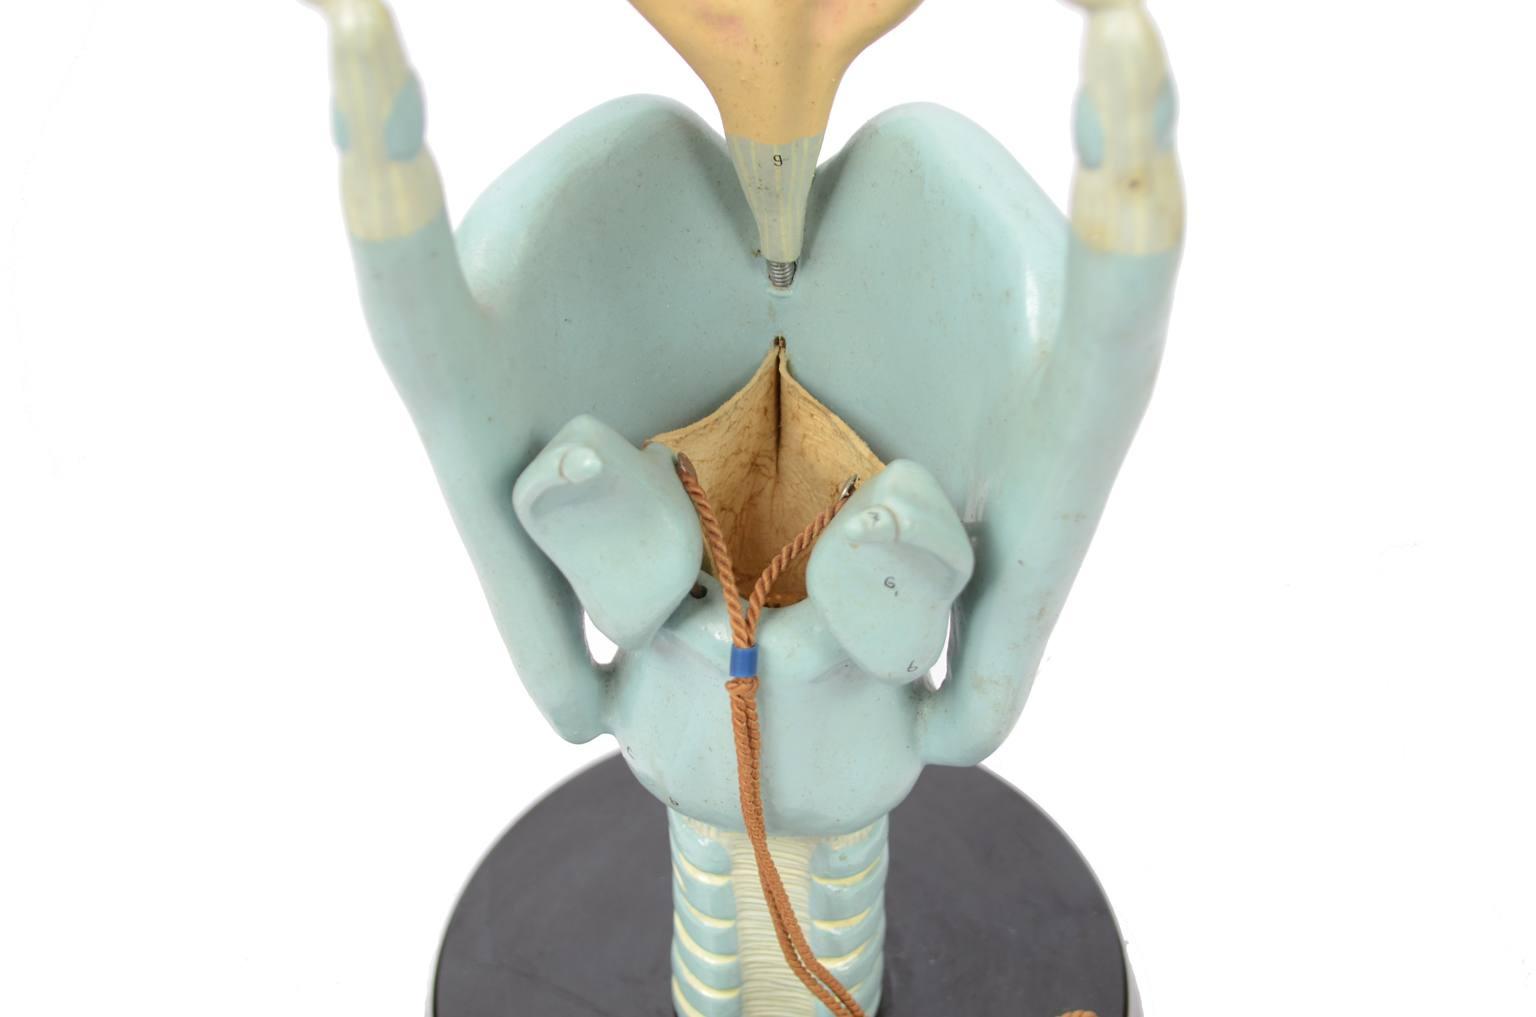 Strumenti medici d'epoca/6132-Modello trachea